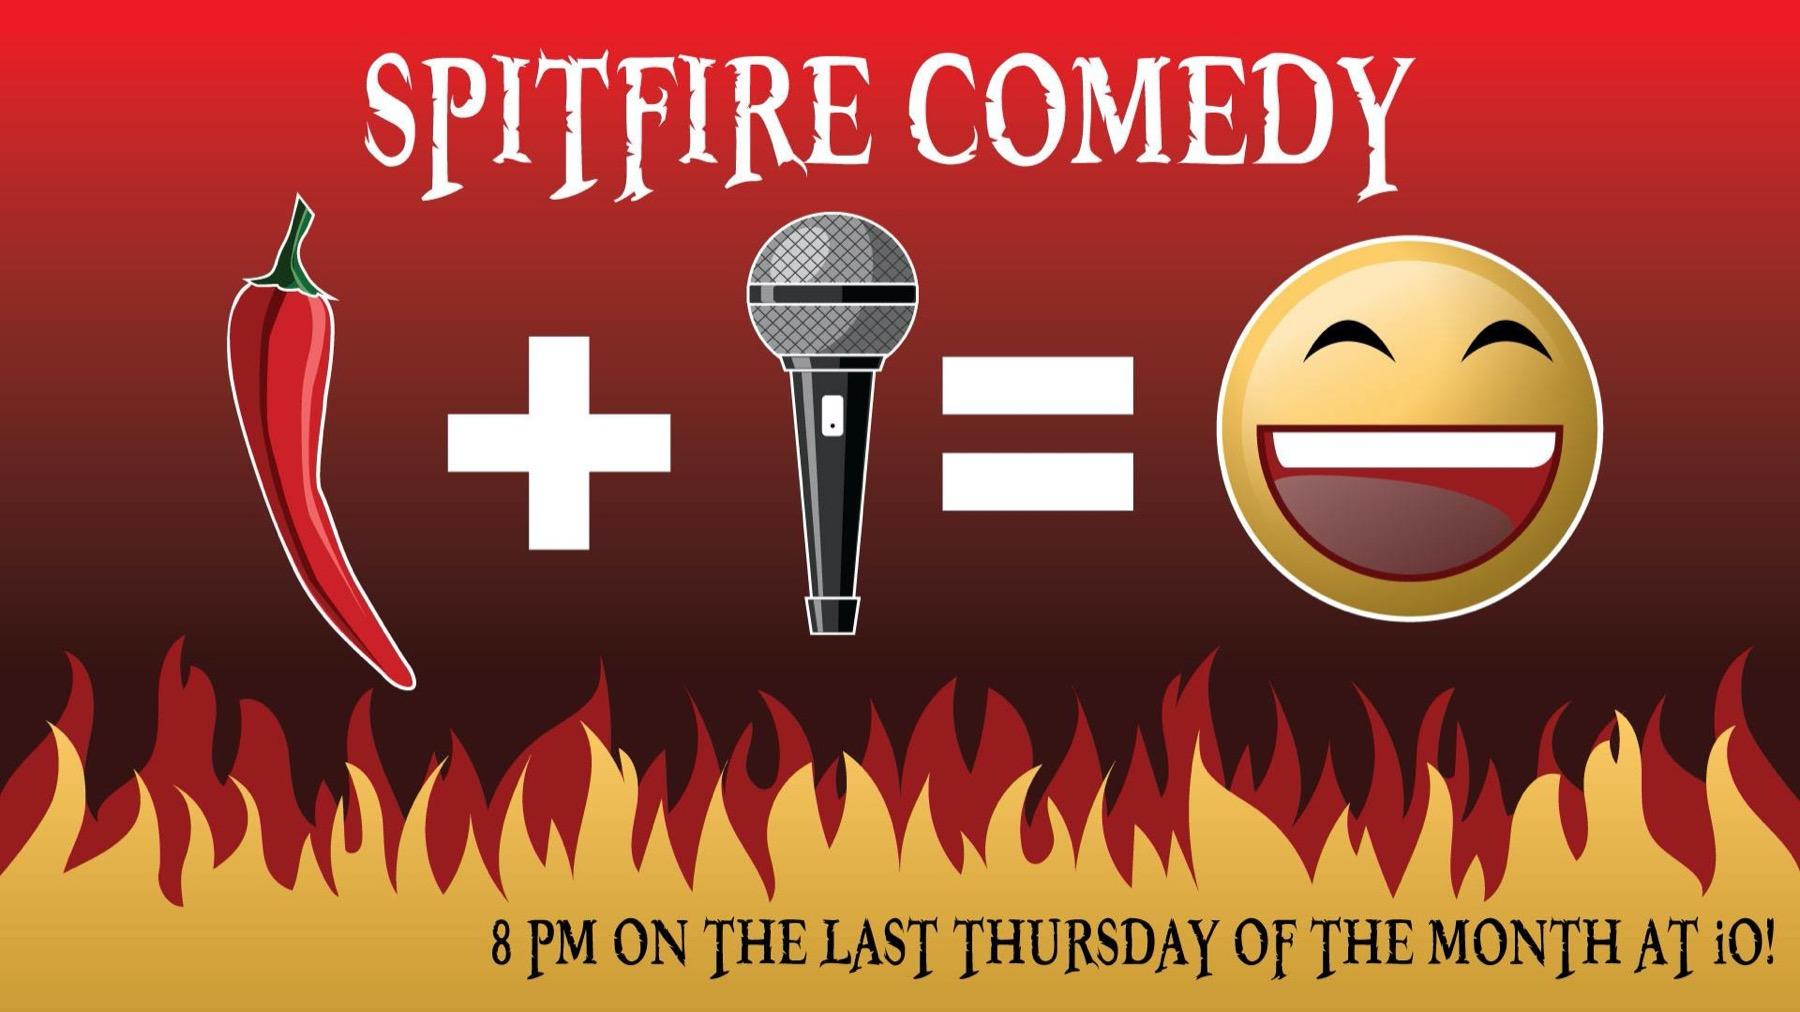 Spitfire Comedy Show